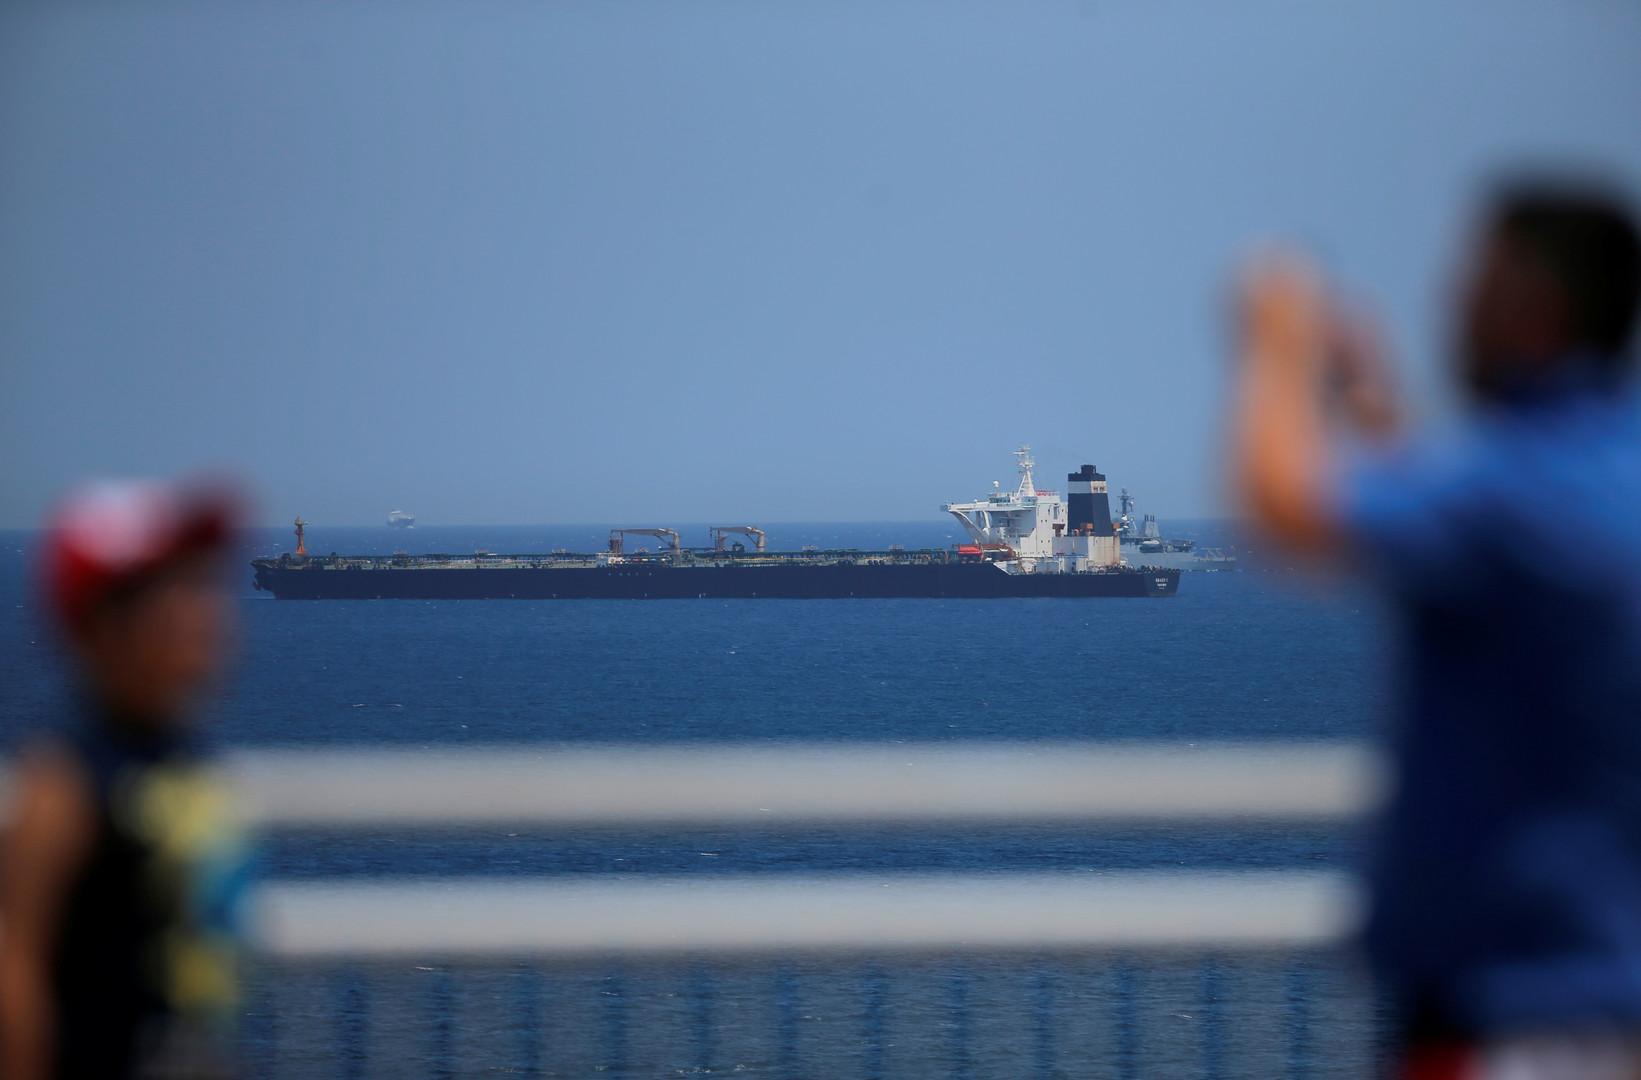 سلطات جبل طارق تستجوب طاقم ناقلة النفط الإيراني